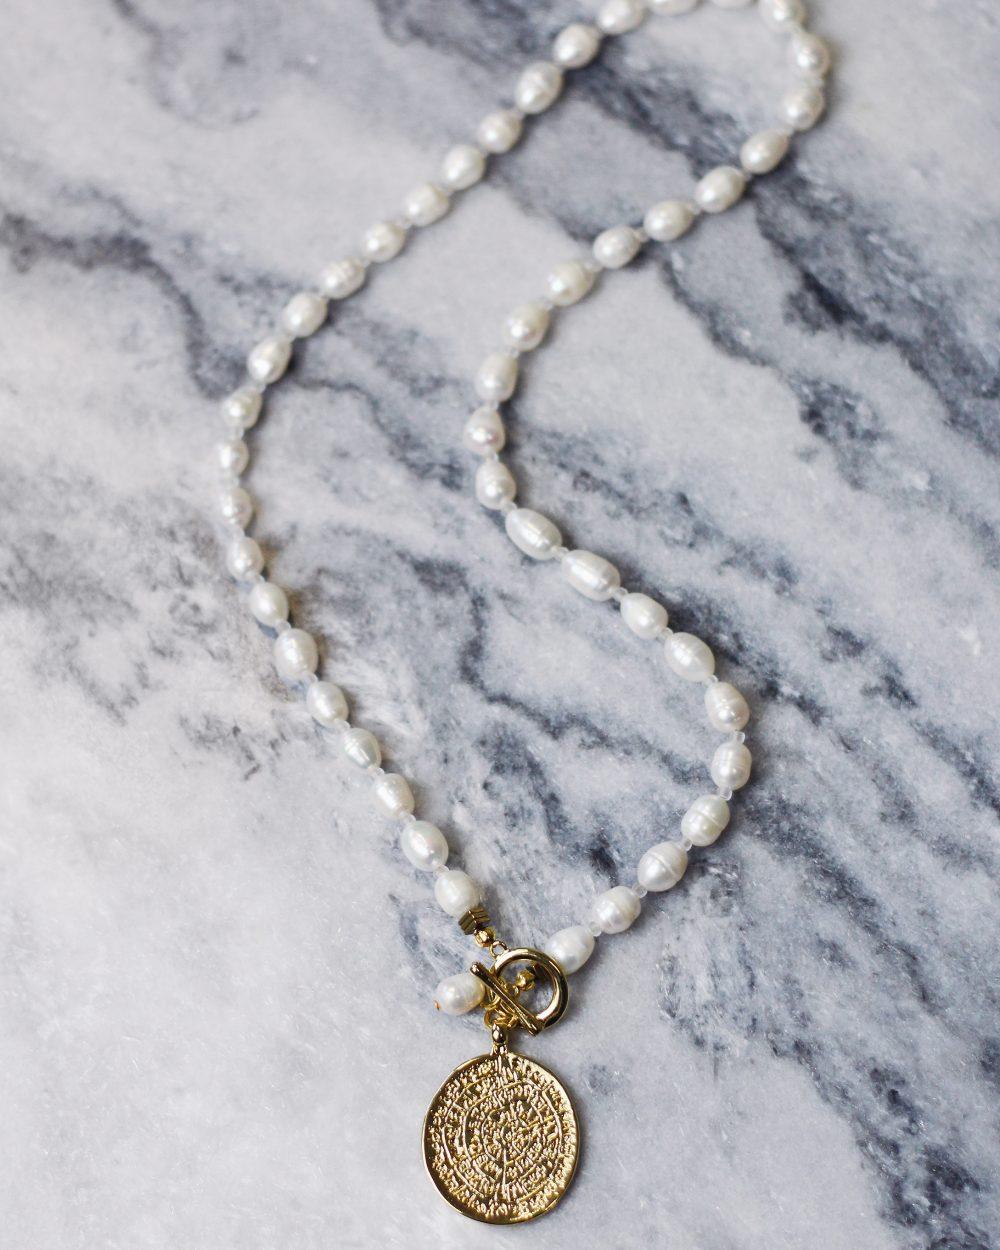 Ilgas baltų upinių perlų kaklo papuošalas